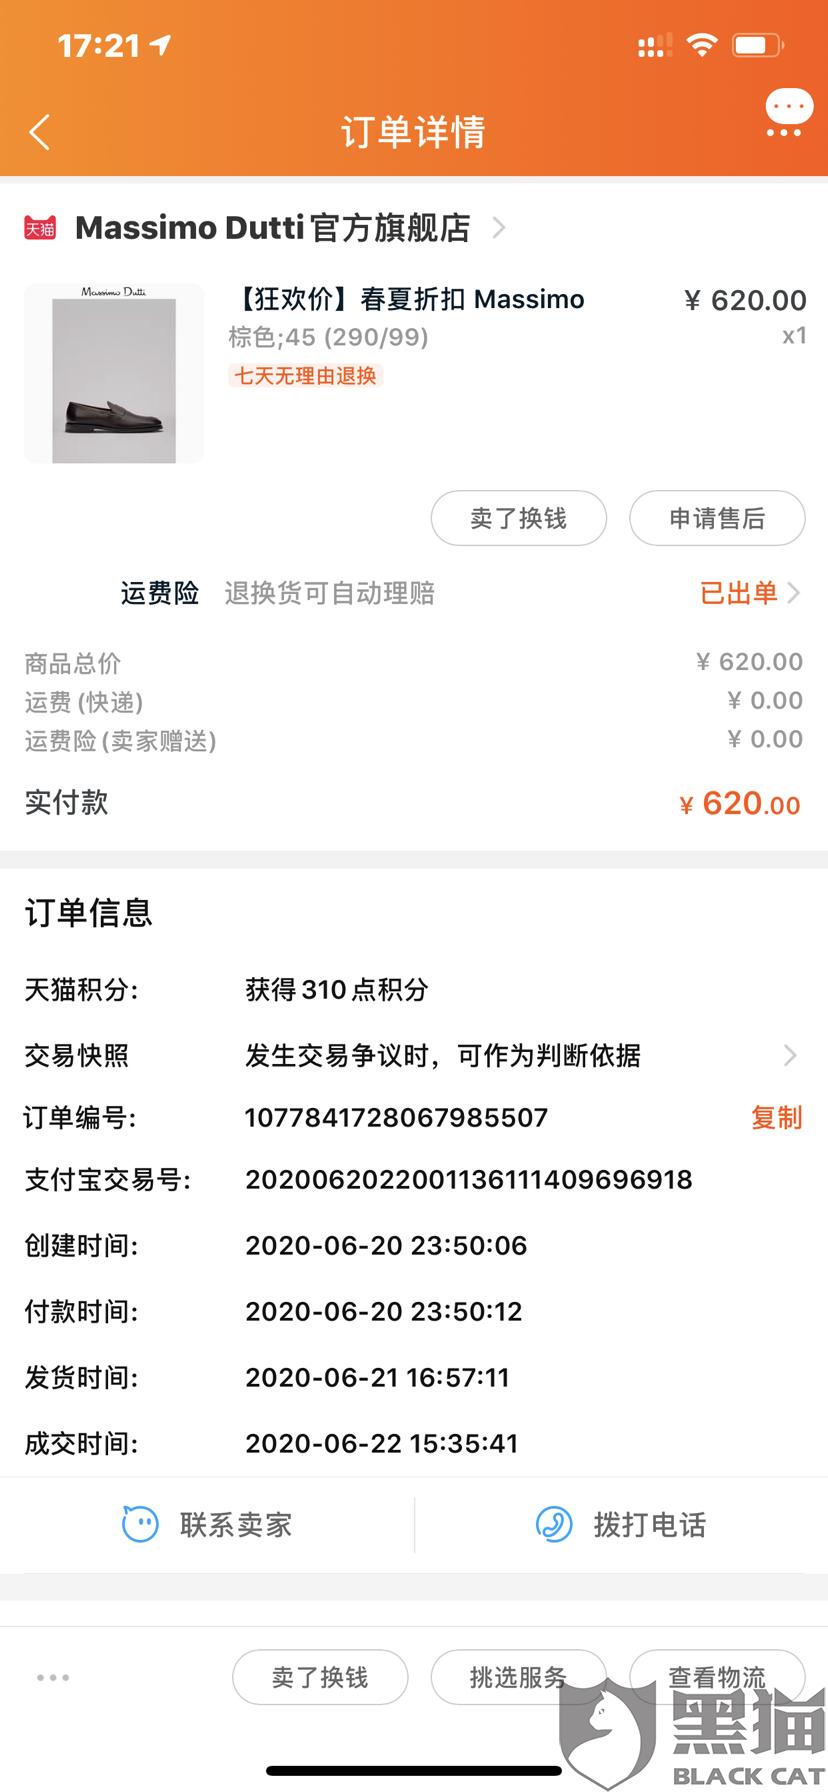 黑猫投诉:massimodutti天猫店品牌店随意更改商品售价,不保护消费者合法权益